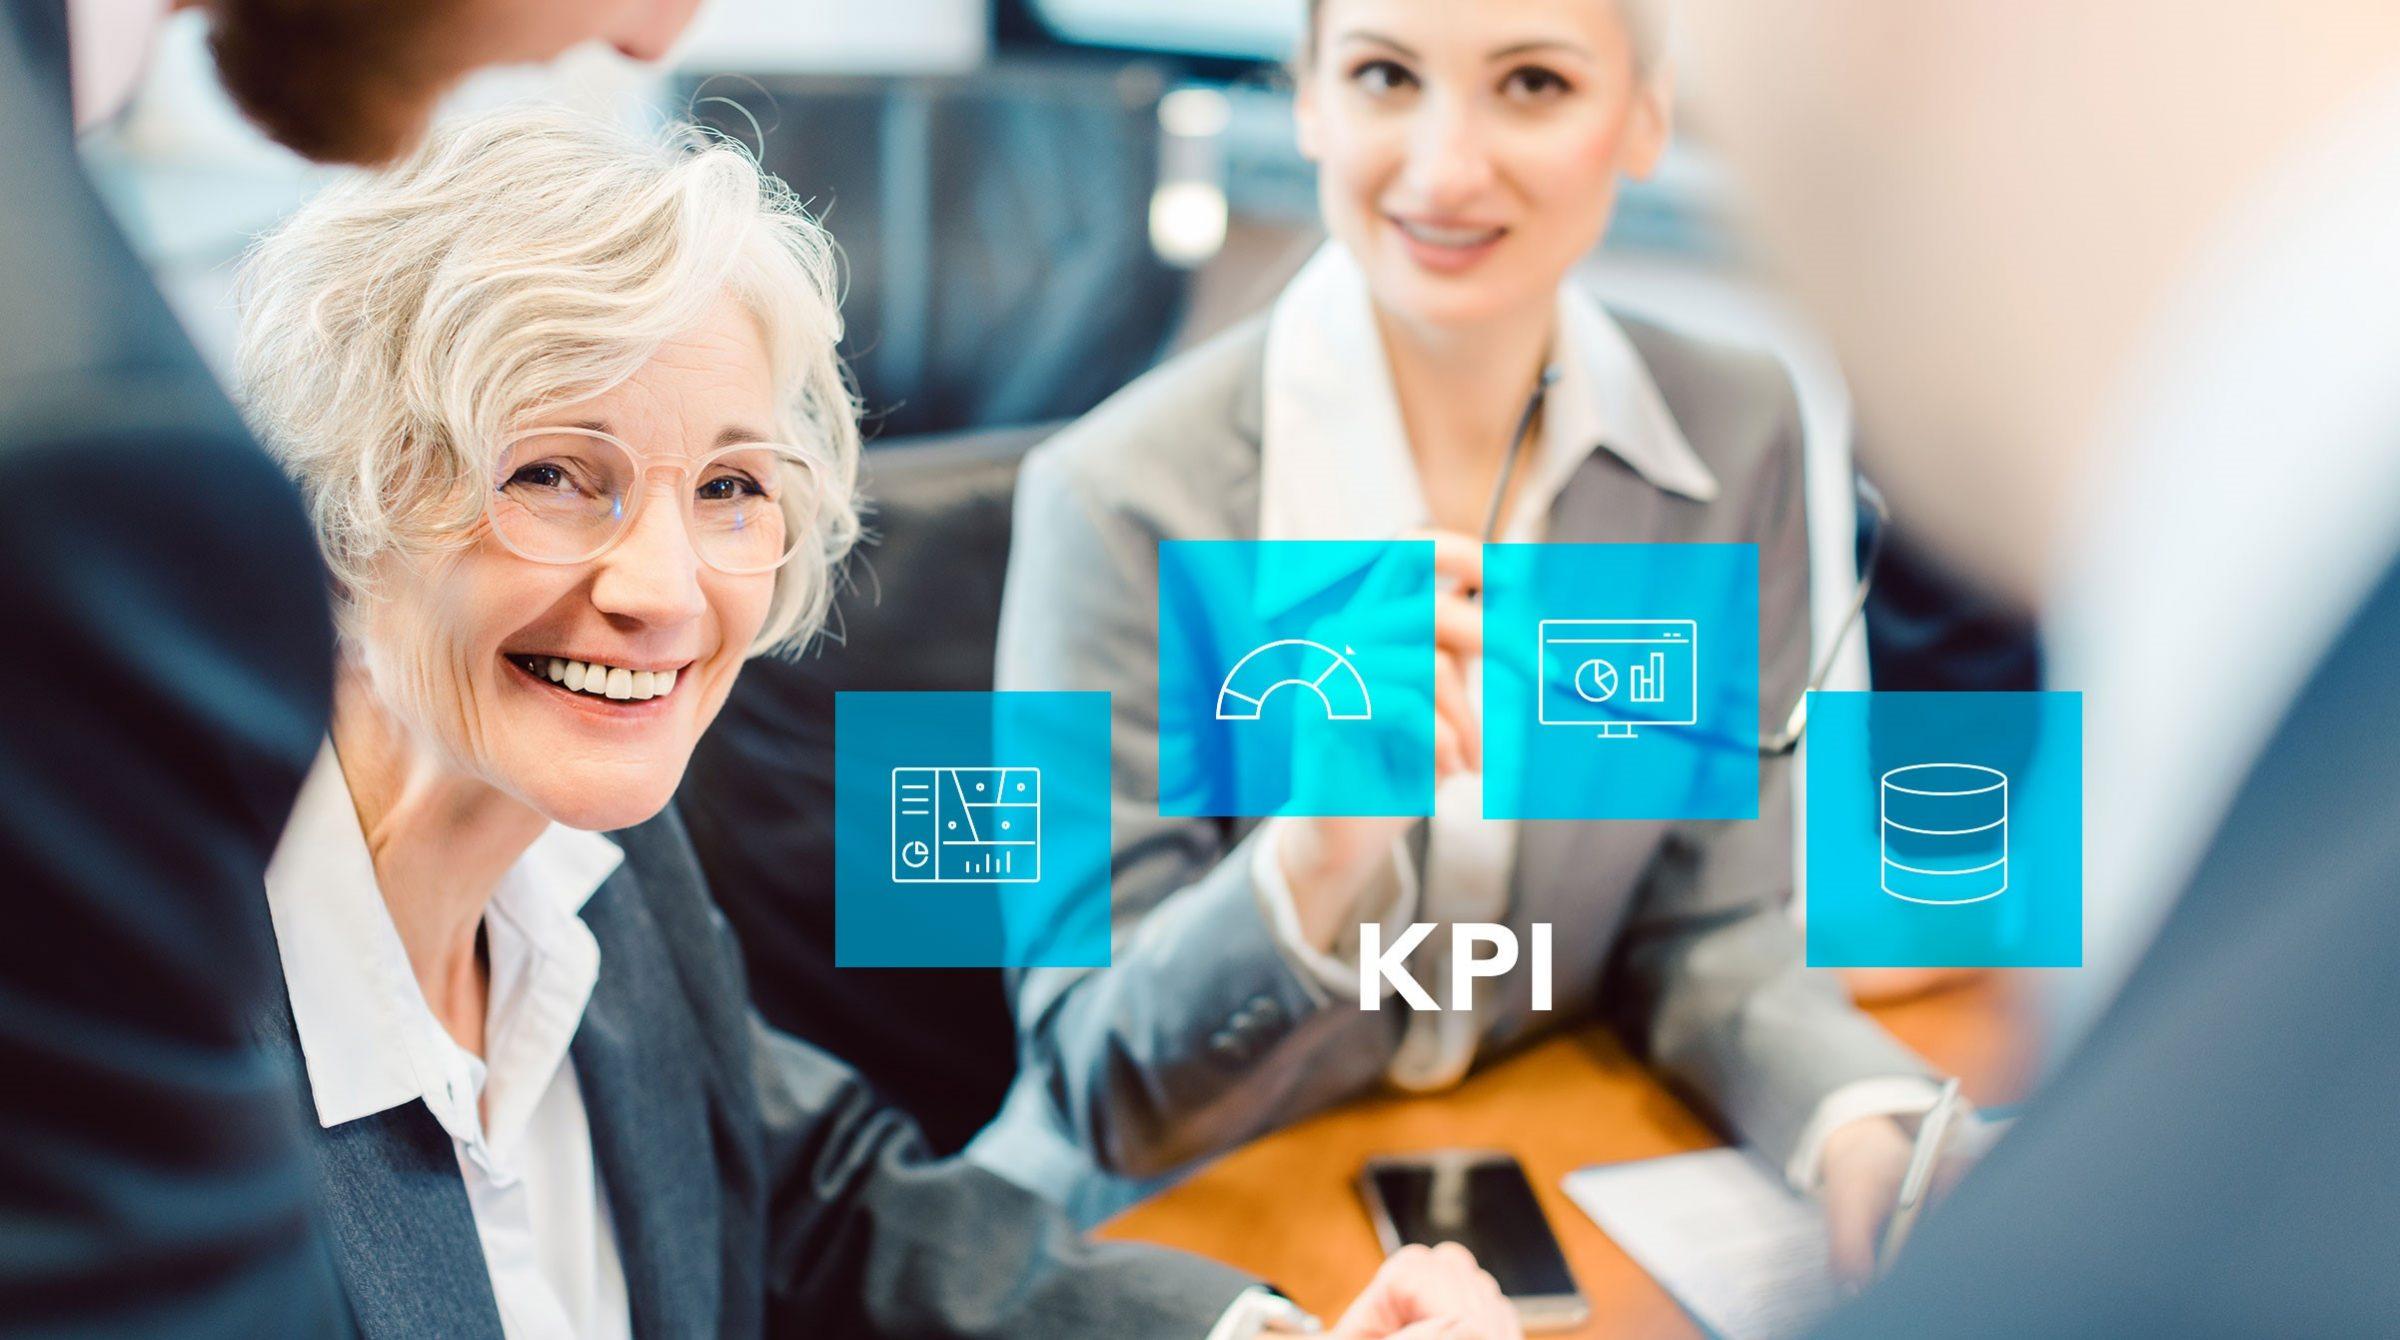 Äldre kvinna leder uppföljning av KPI